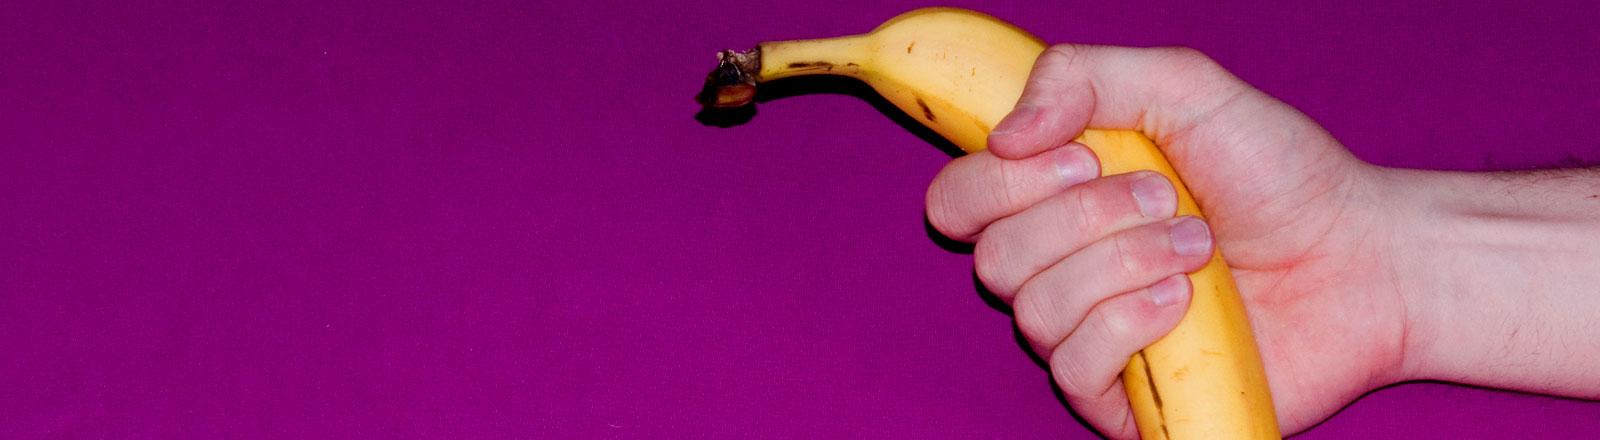 Eien Hand hält eine Banane.